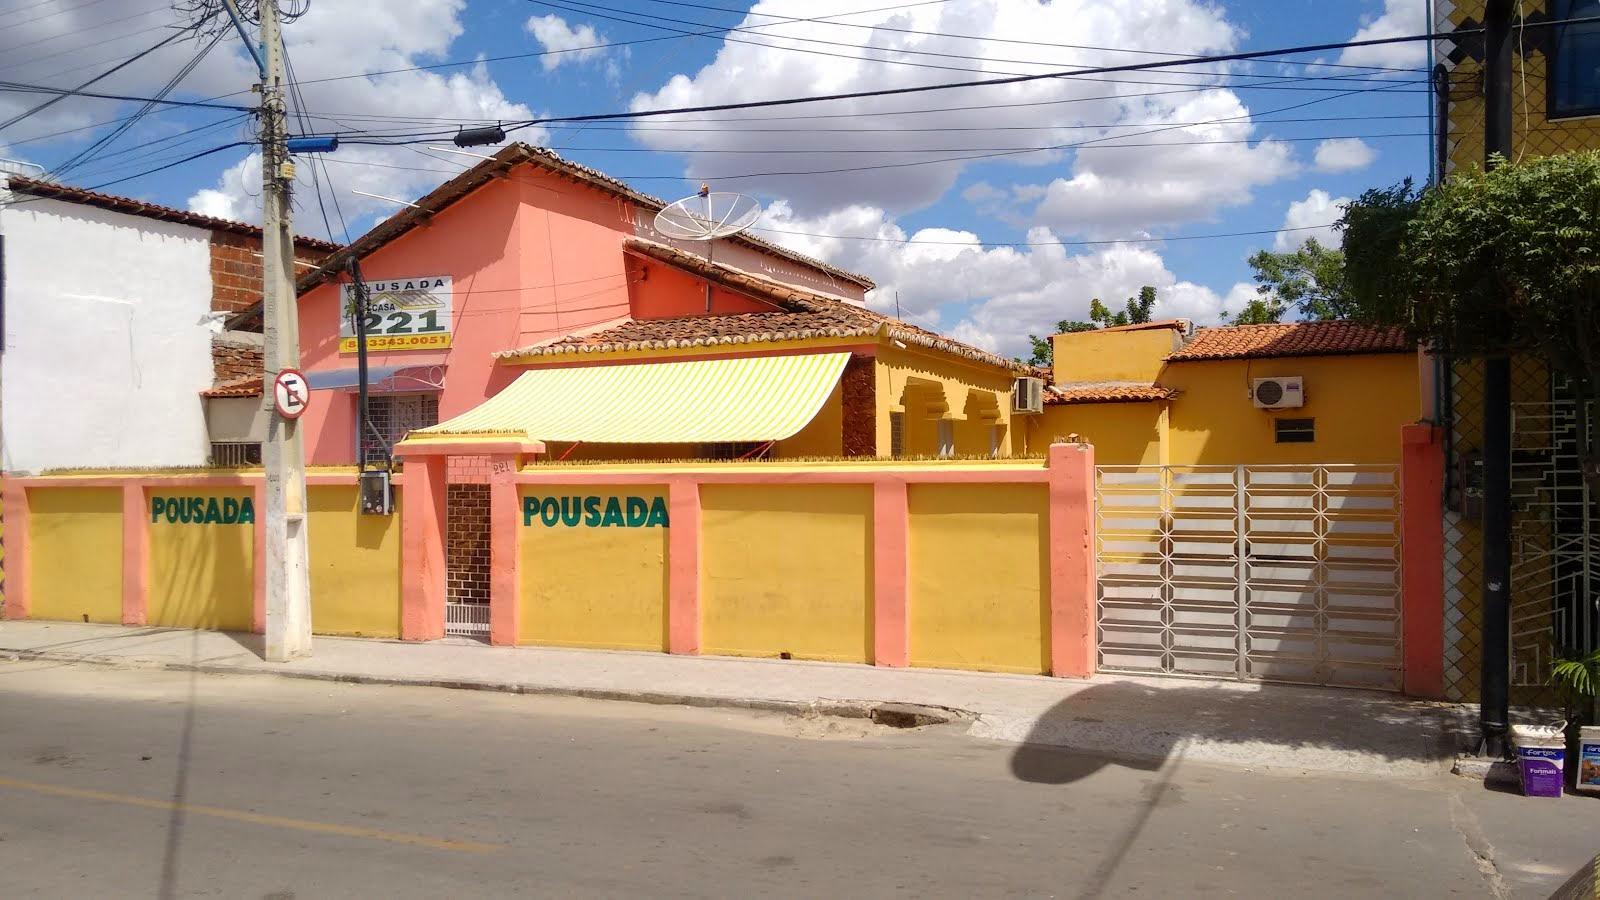 POUSADA 221 - Rua João Pinto Damasceno, 221 - Centro - Canindé/CE (85) 3343-1009 / 3343-0051